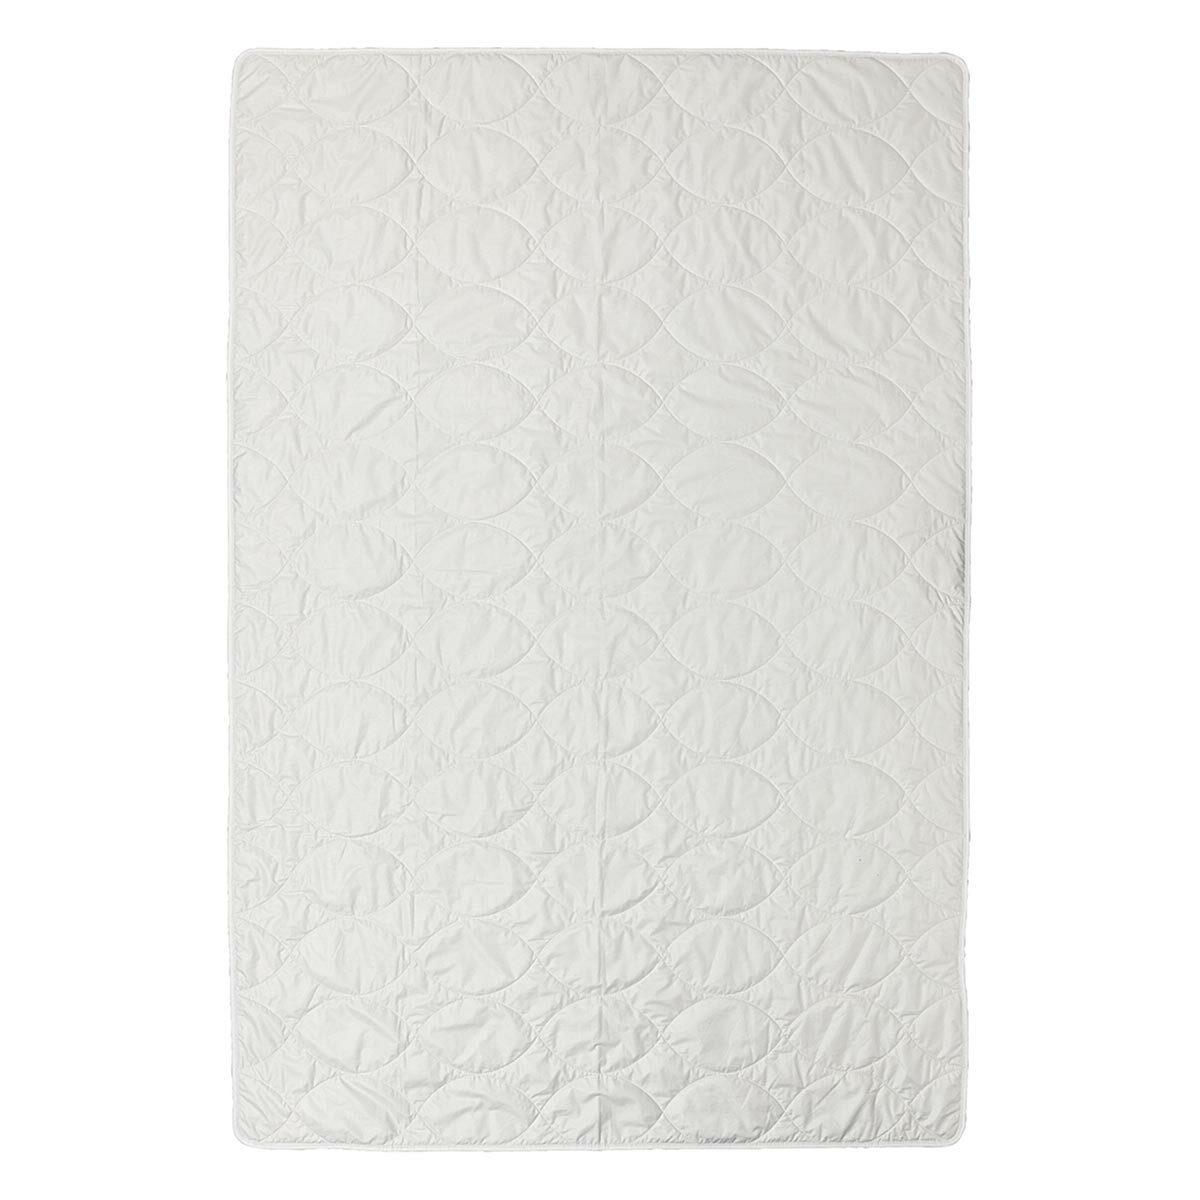 Centa Star Baumwolldecke Bio Organic Cotton leicht, Füllung: 100% Baumwolle